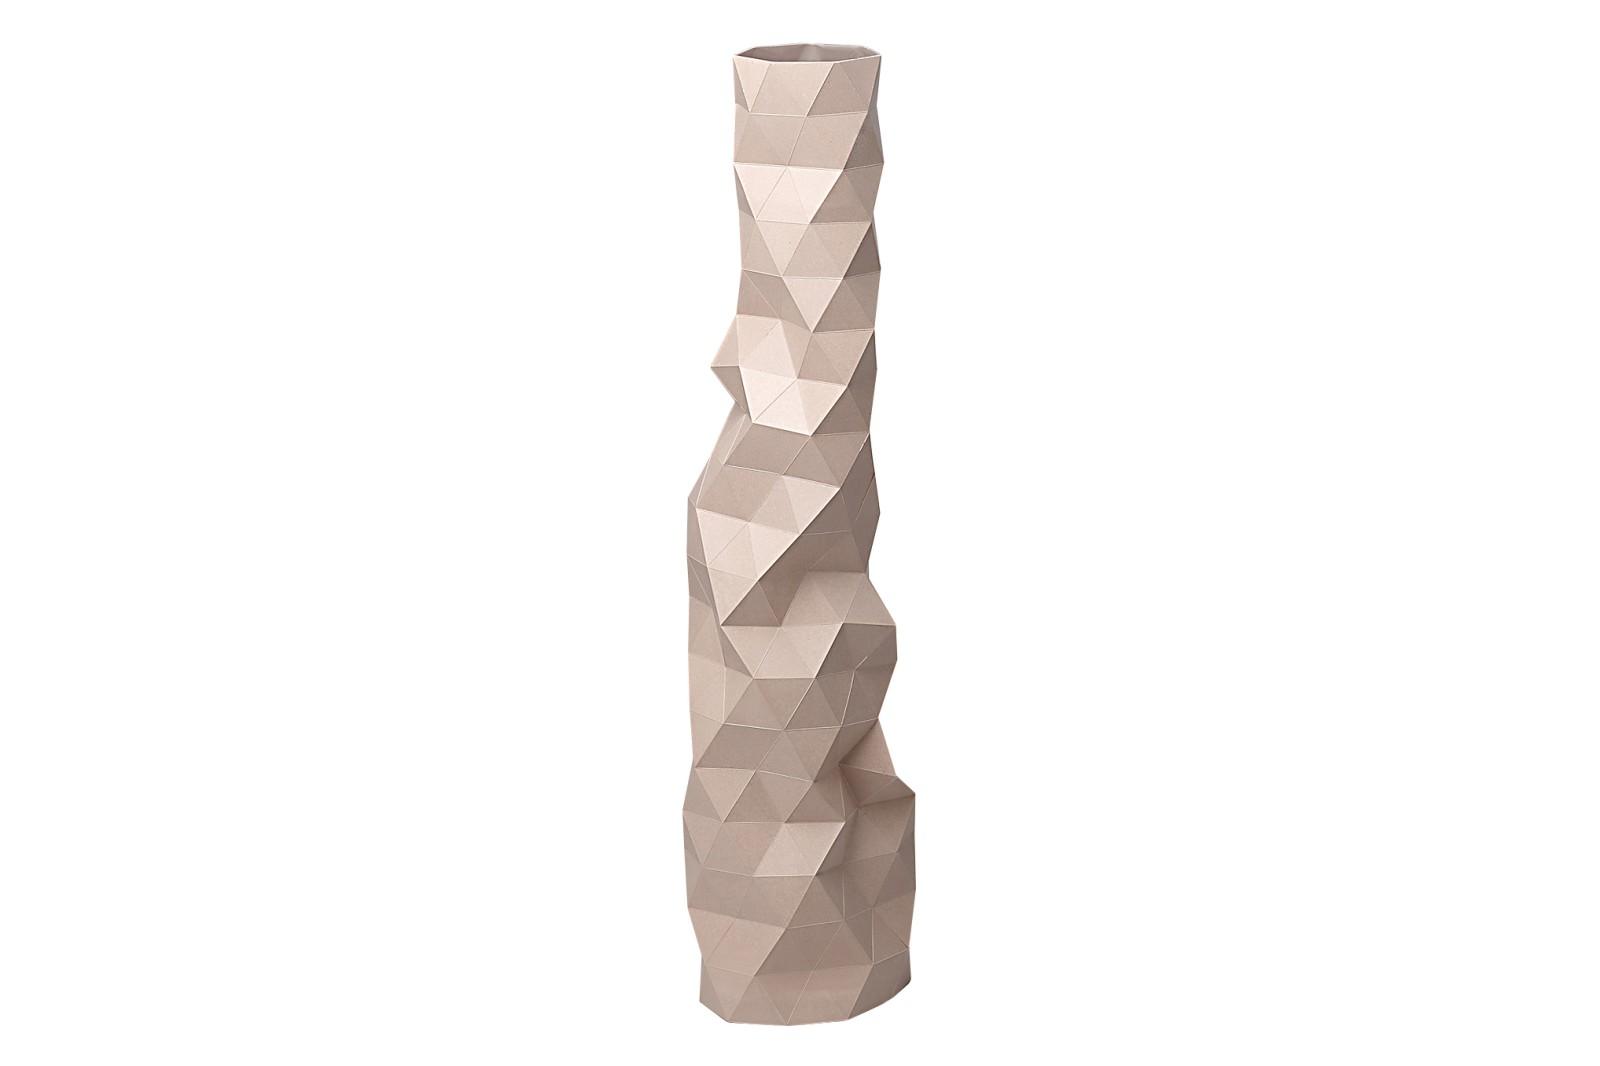 Faceture Vase Pink, Large